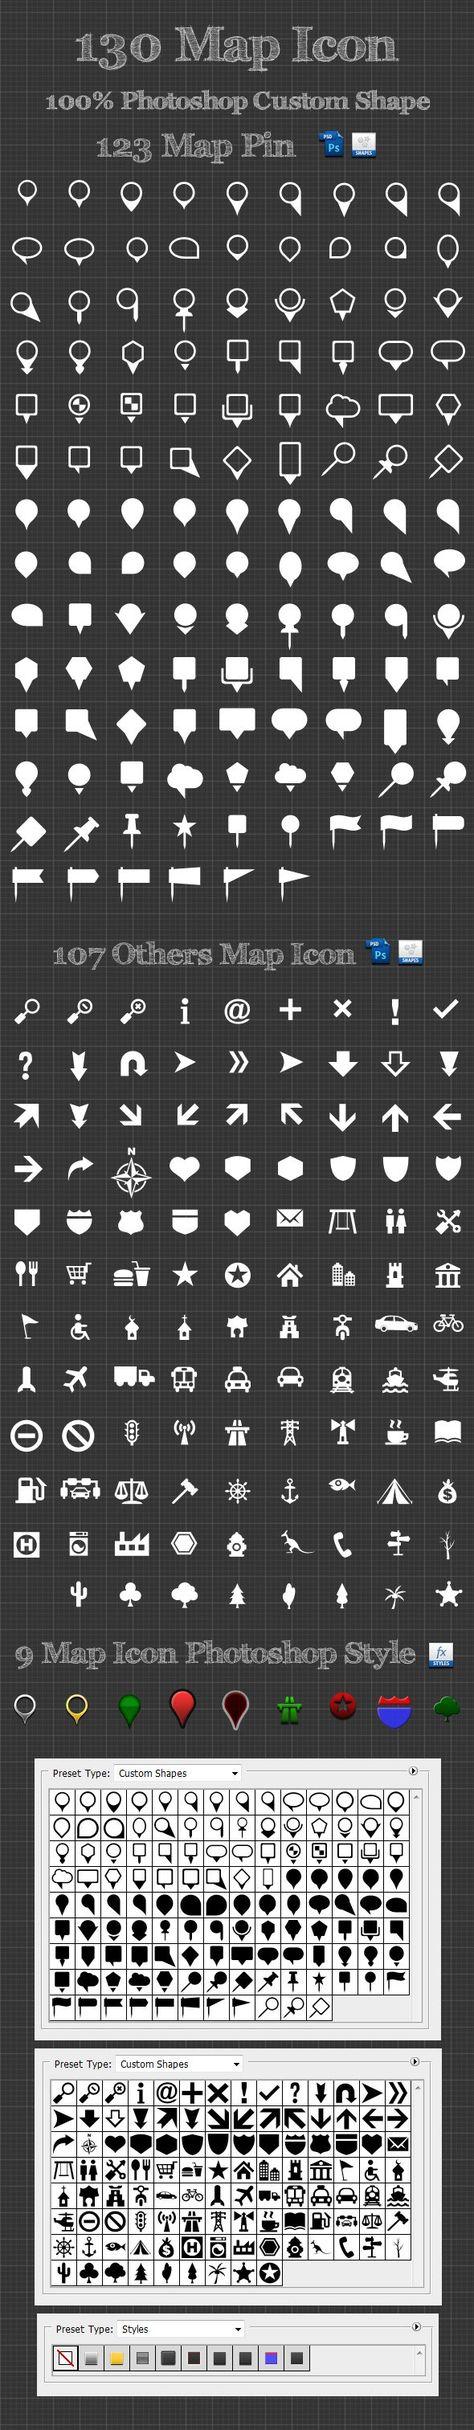 130 Map Icon Photoshop Custom Shapes